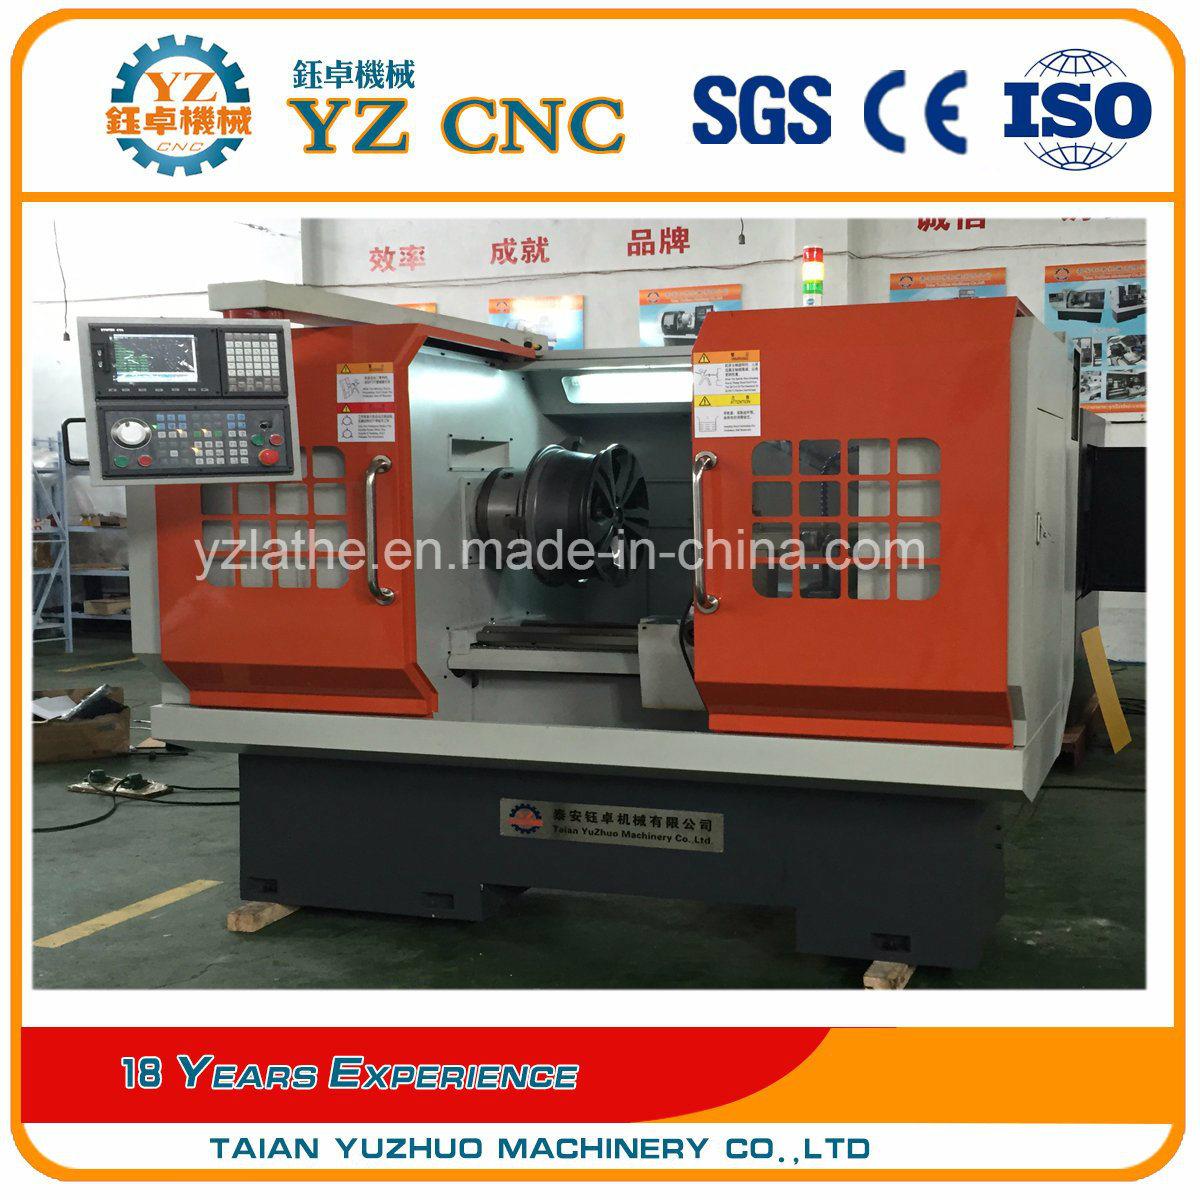 High Precision Alloy Wheel Repair CNC Lathe Machine Wrc26